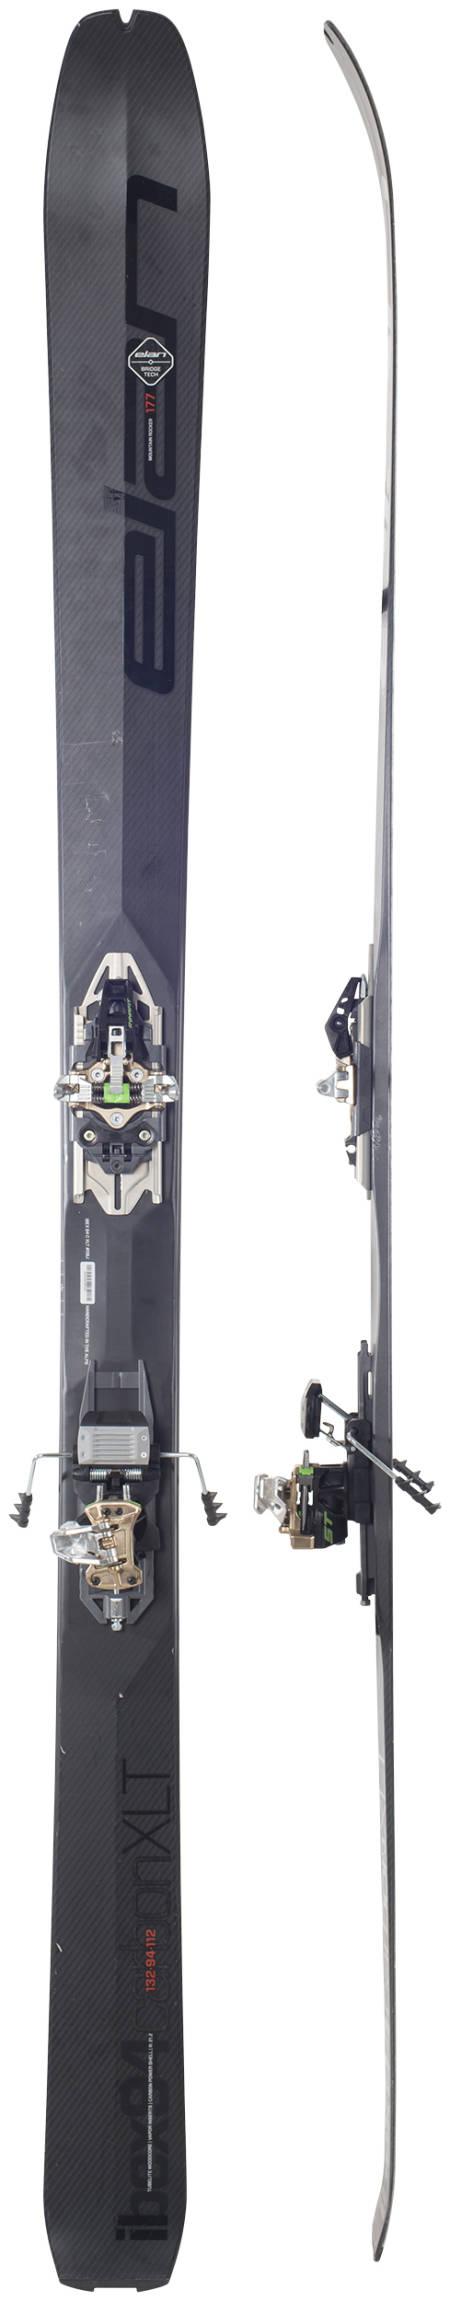 Elan Ibex 94 Carbon XLT